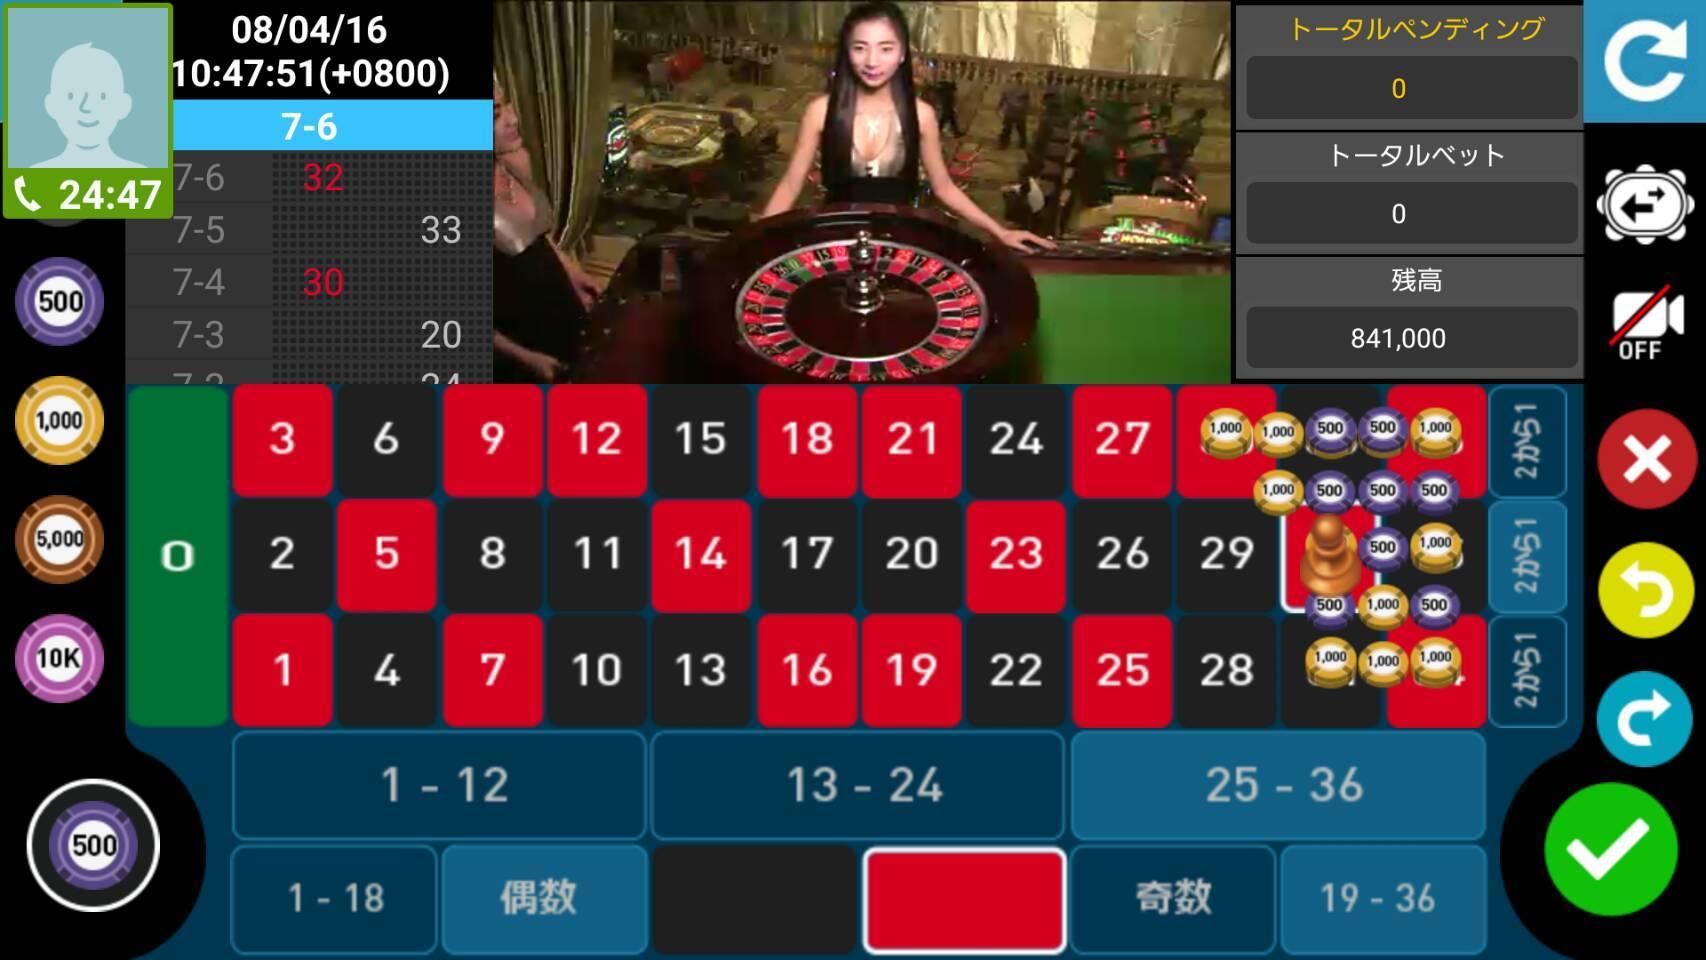 W88オンラインカジノのライブルーレットの画面の写真